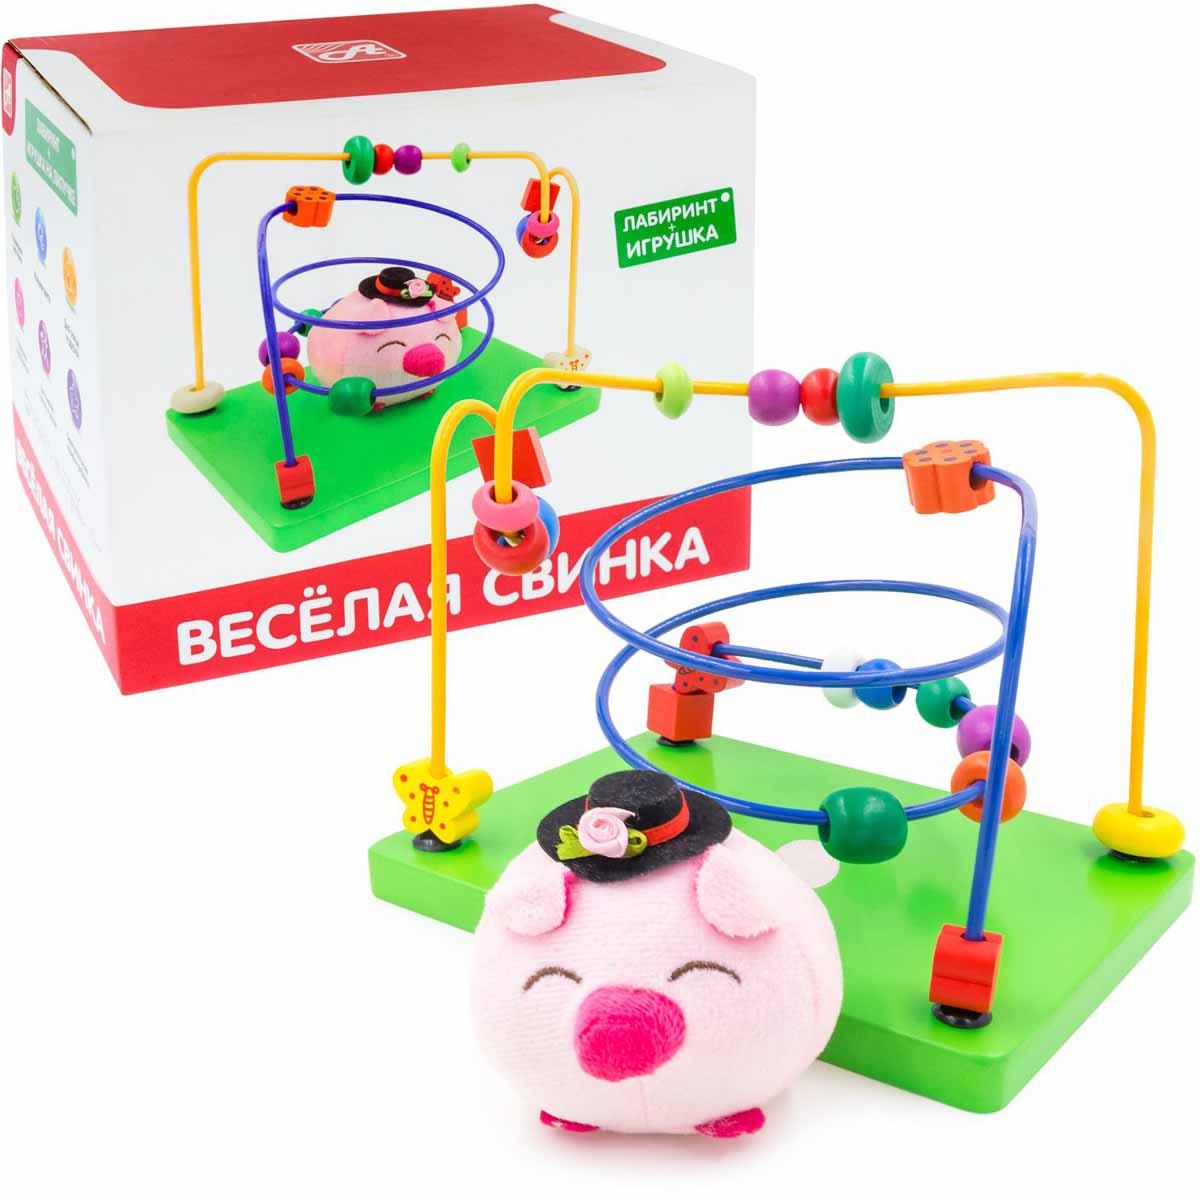 Анданте Лабиринт Веселая свинка магнитный лабиринт в минске